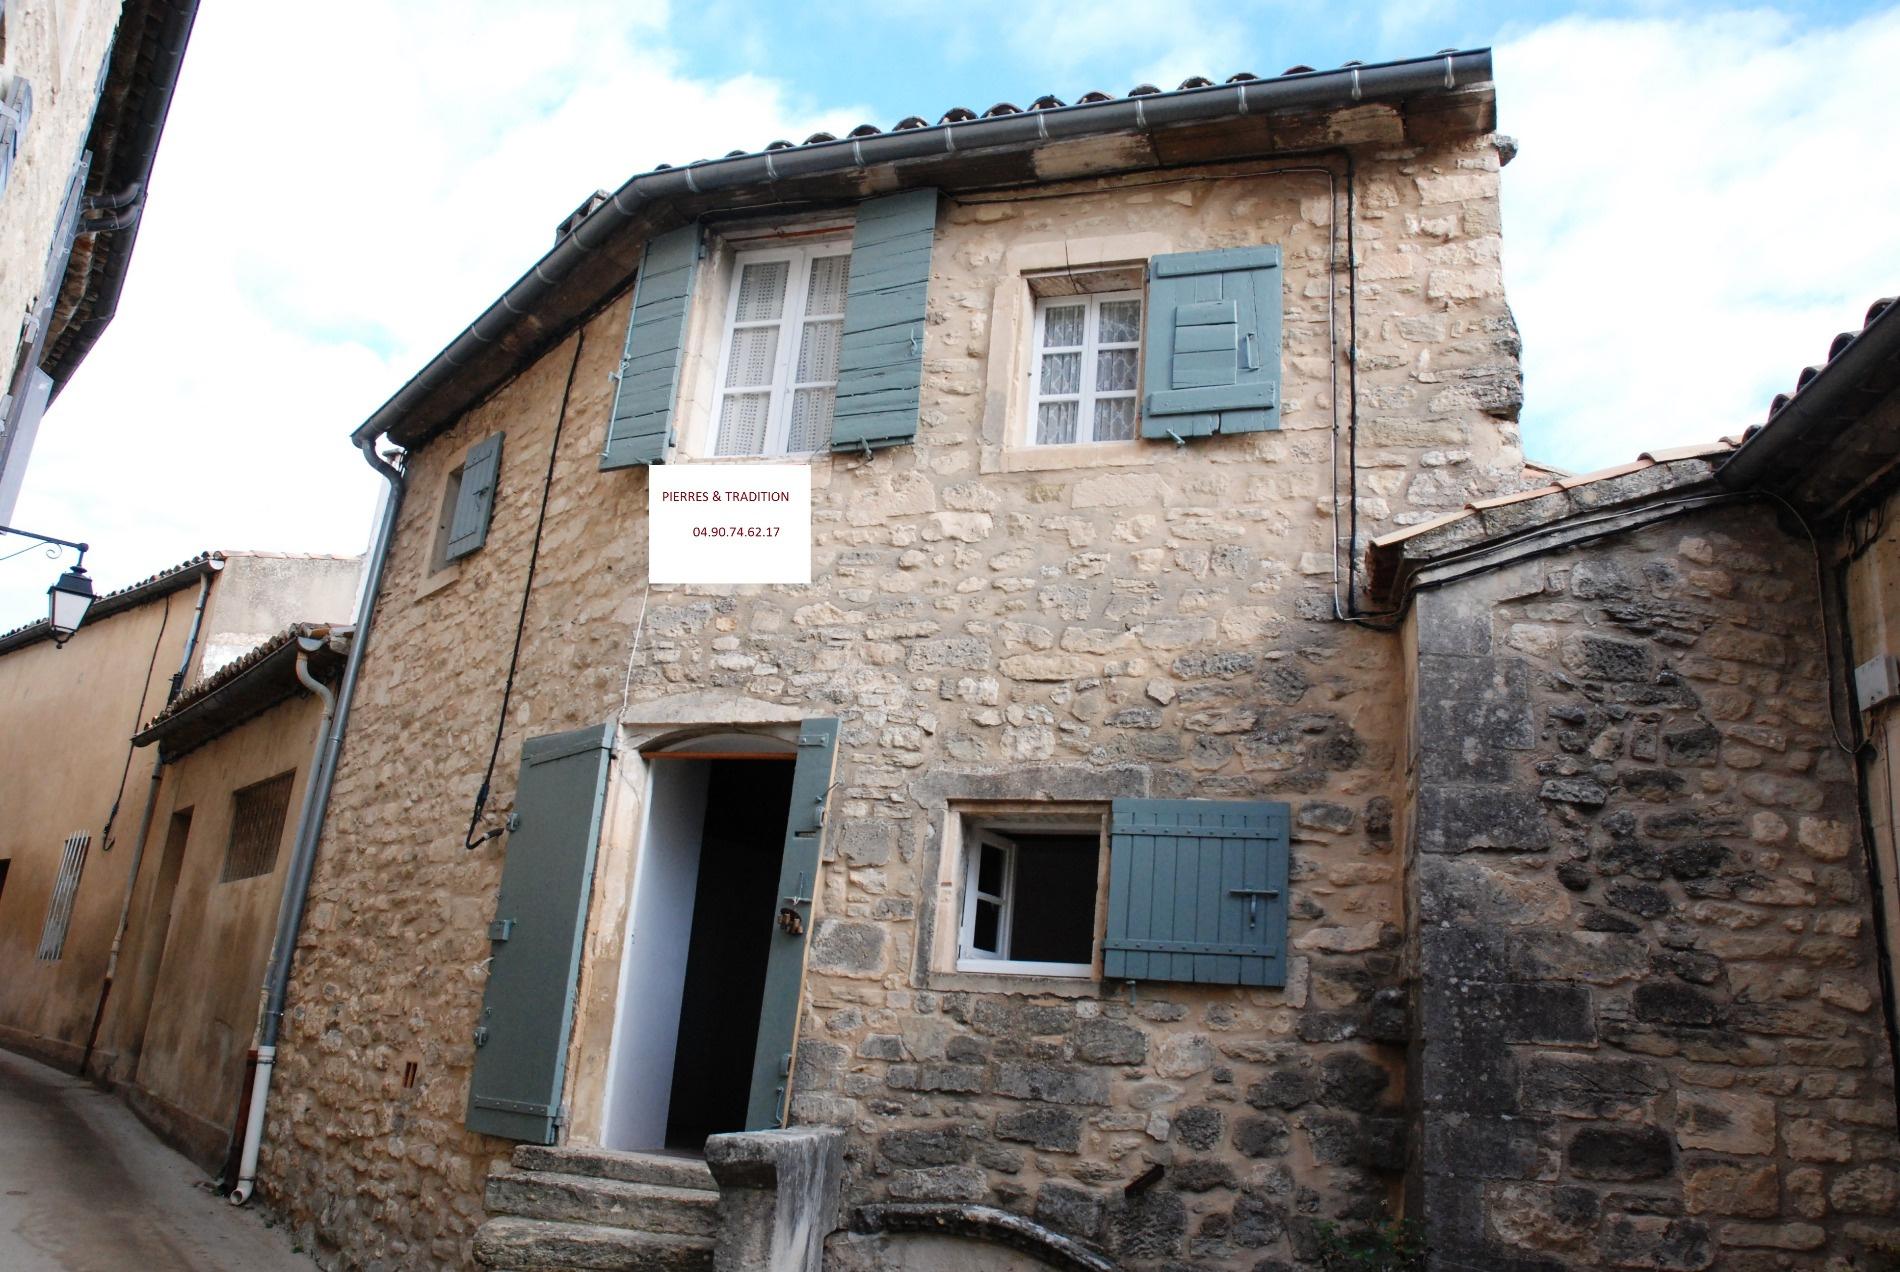 Vente maison/villa 2 pièces lacoste 84480